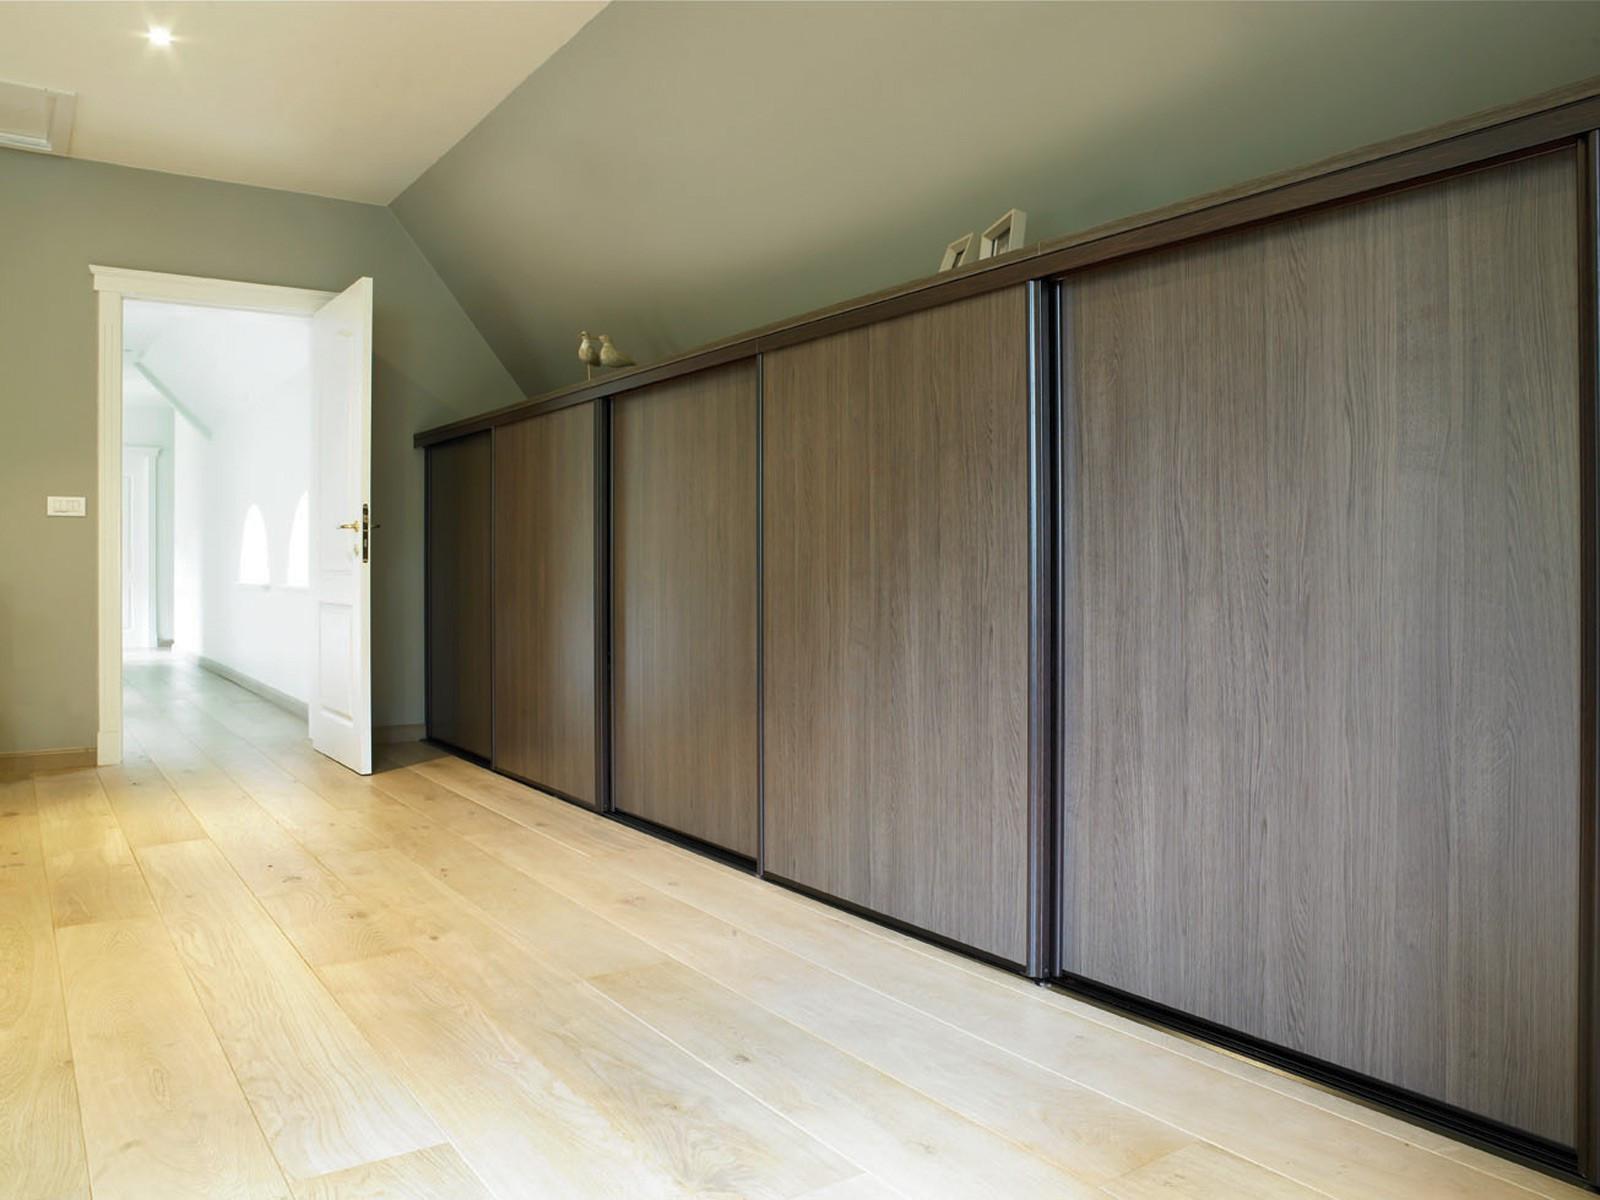 Maatkast in slaapkamer met schuifdeuren in houtstructuur › Kast-ID ...